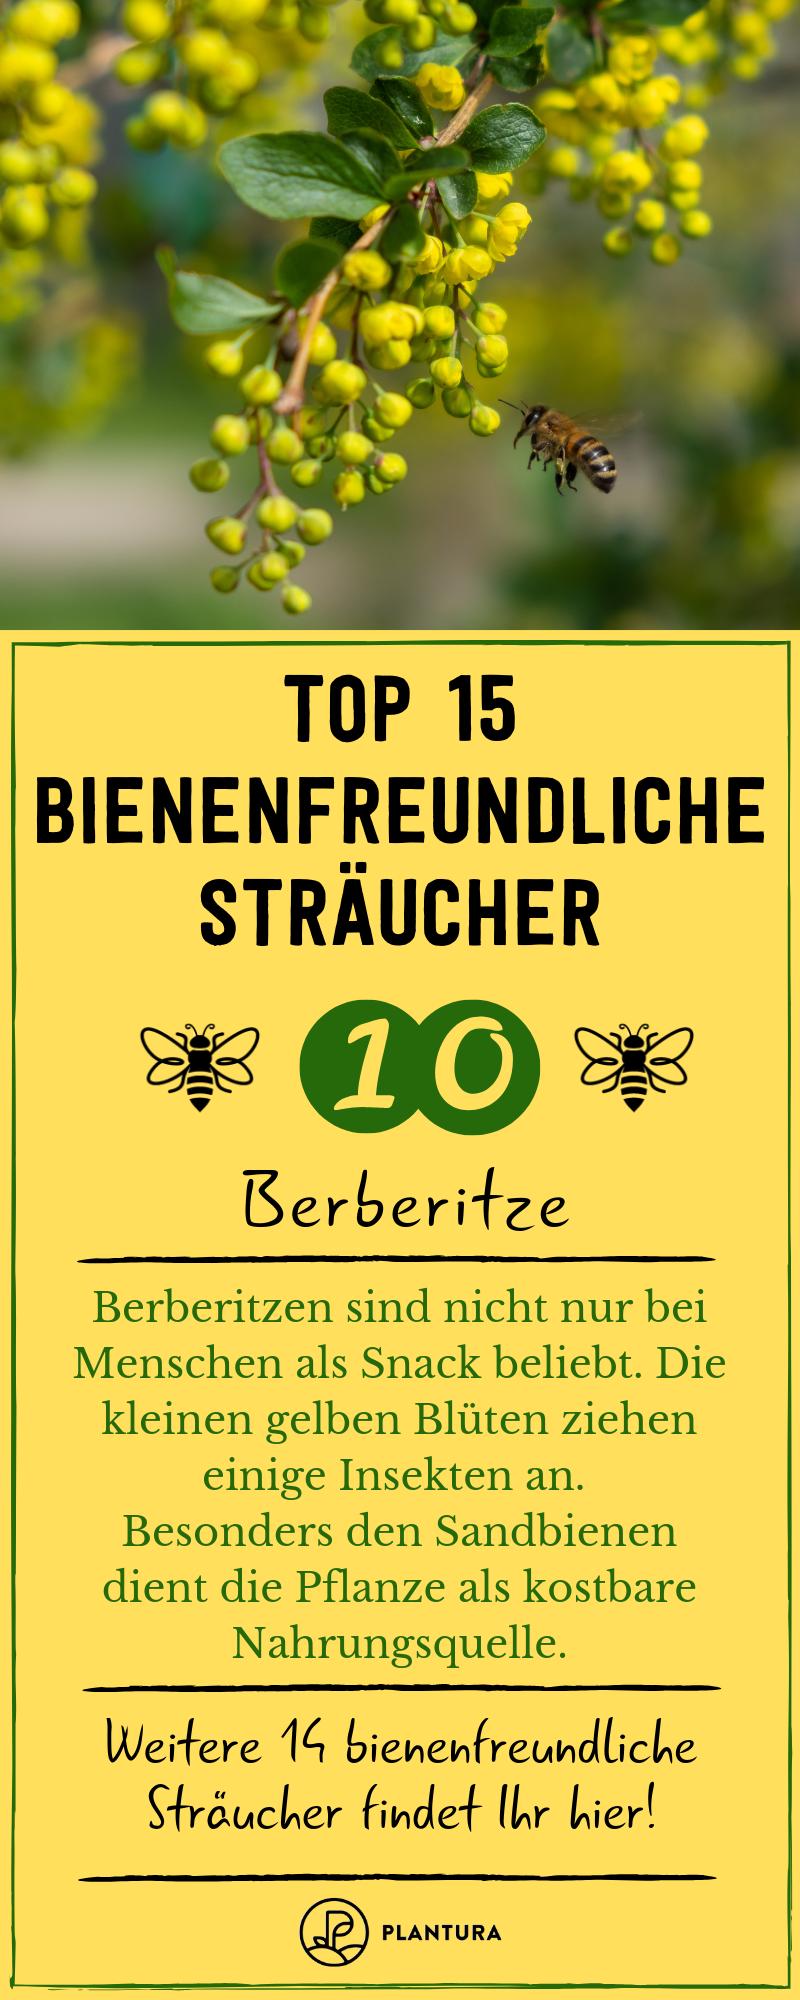 Bienenfreundliche Straucher Top 15 Bienenstraucher Bienenfreundliche Straucher Berberitze Straucher Garten